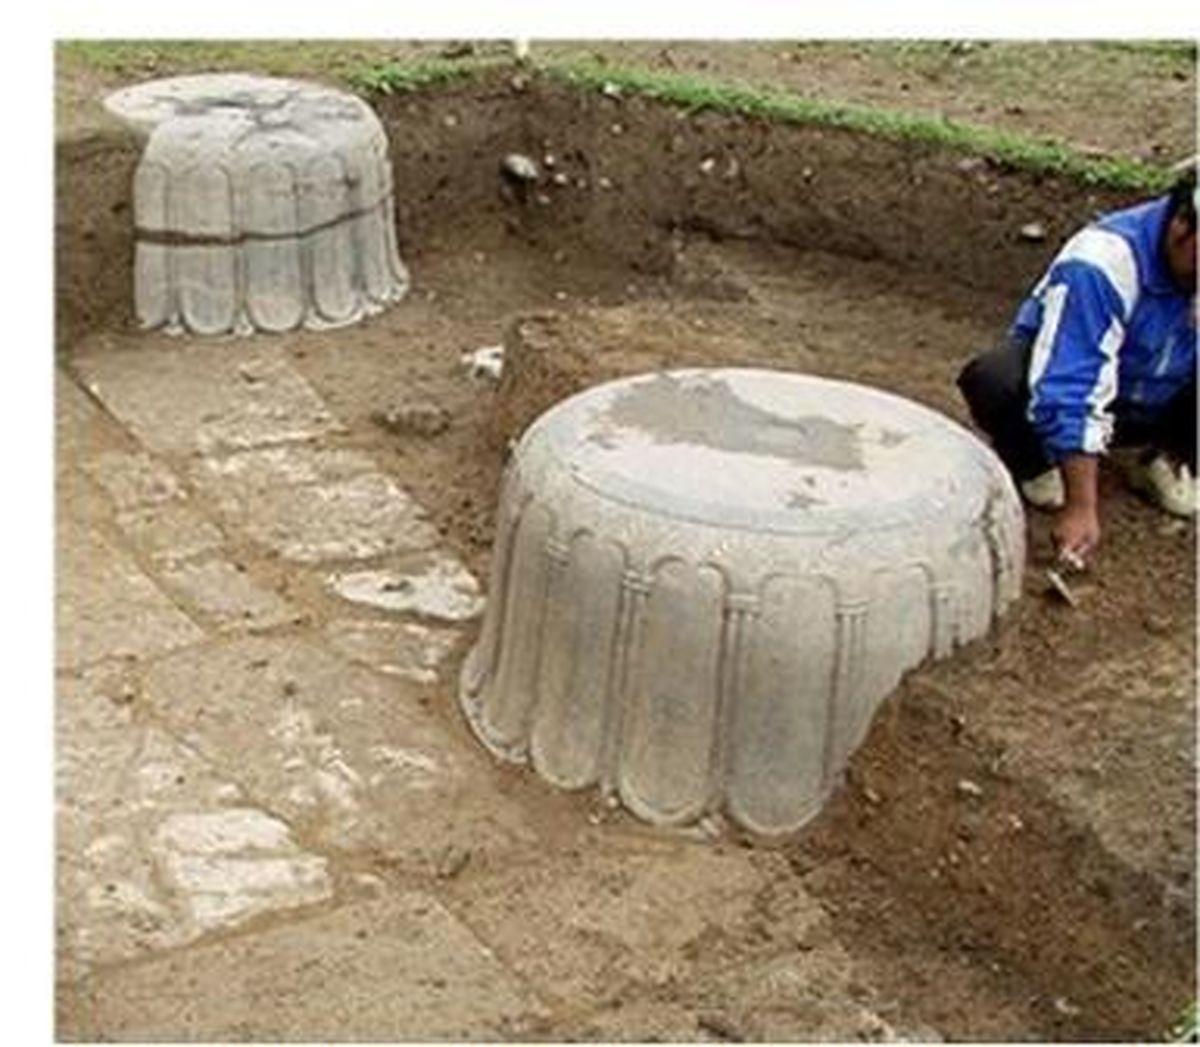 پایه یکی از ستون های تخت جمشید در یک منزل کشف شد!